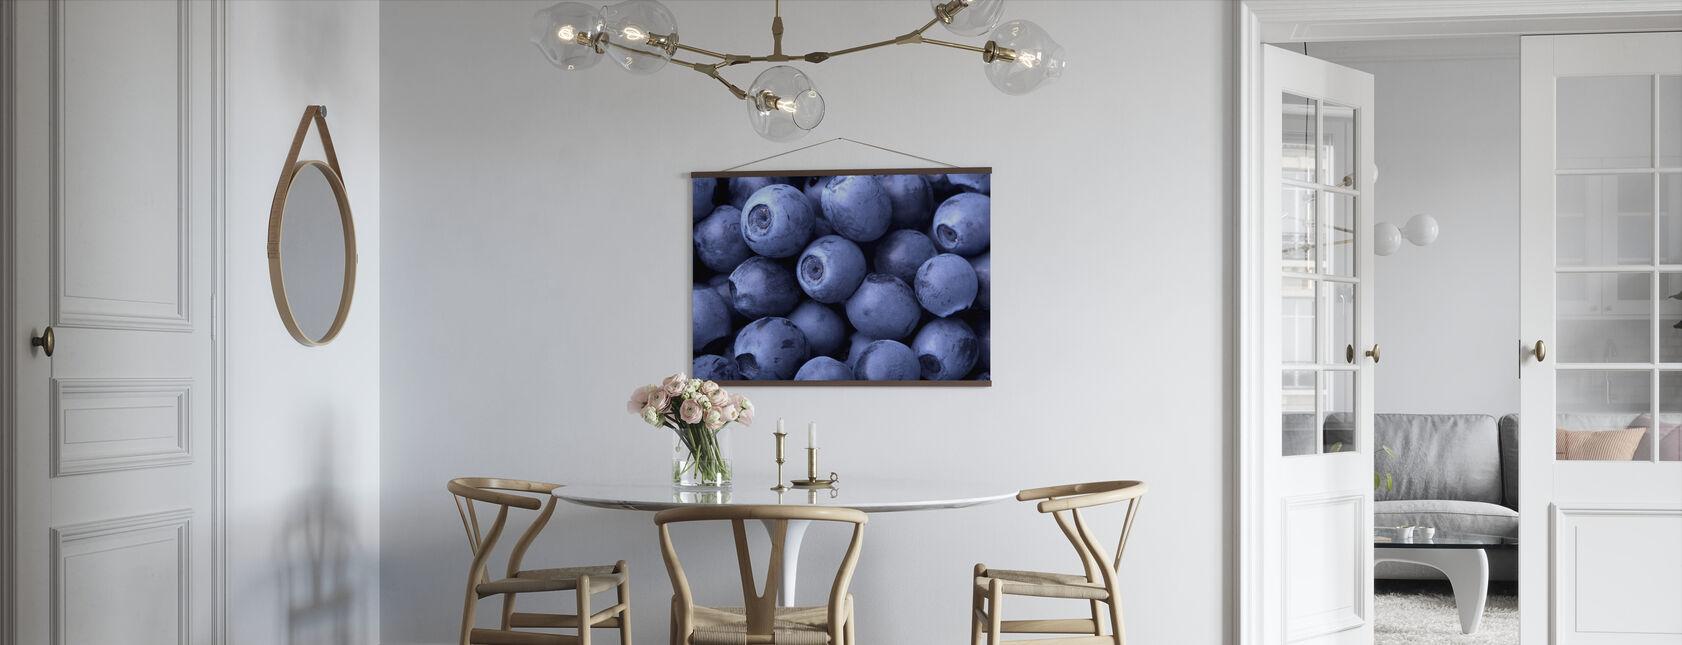 Blåbær - Plakat - Køkken